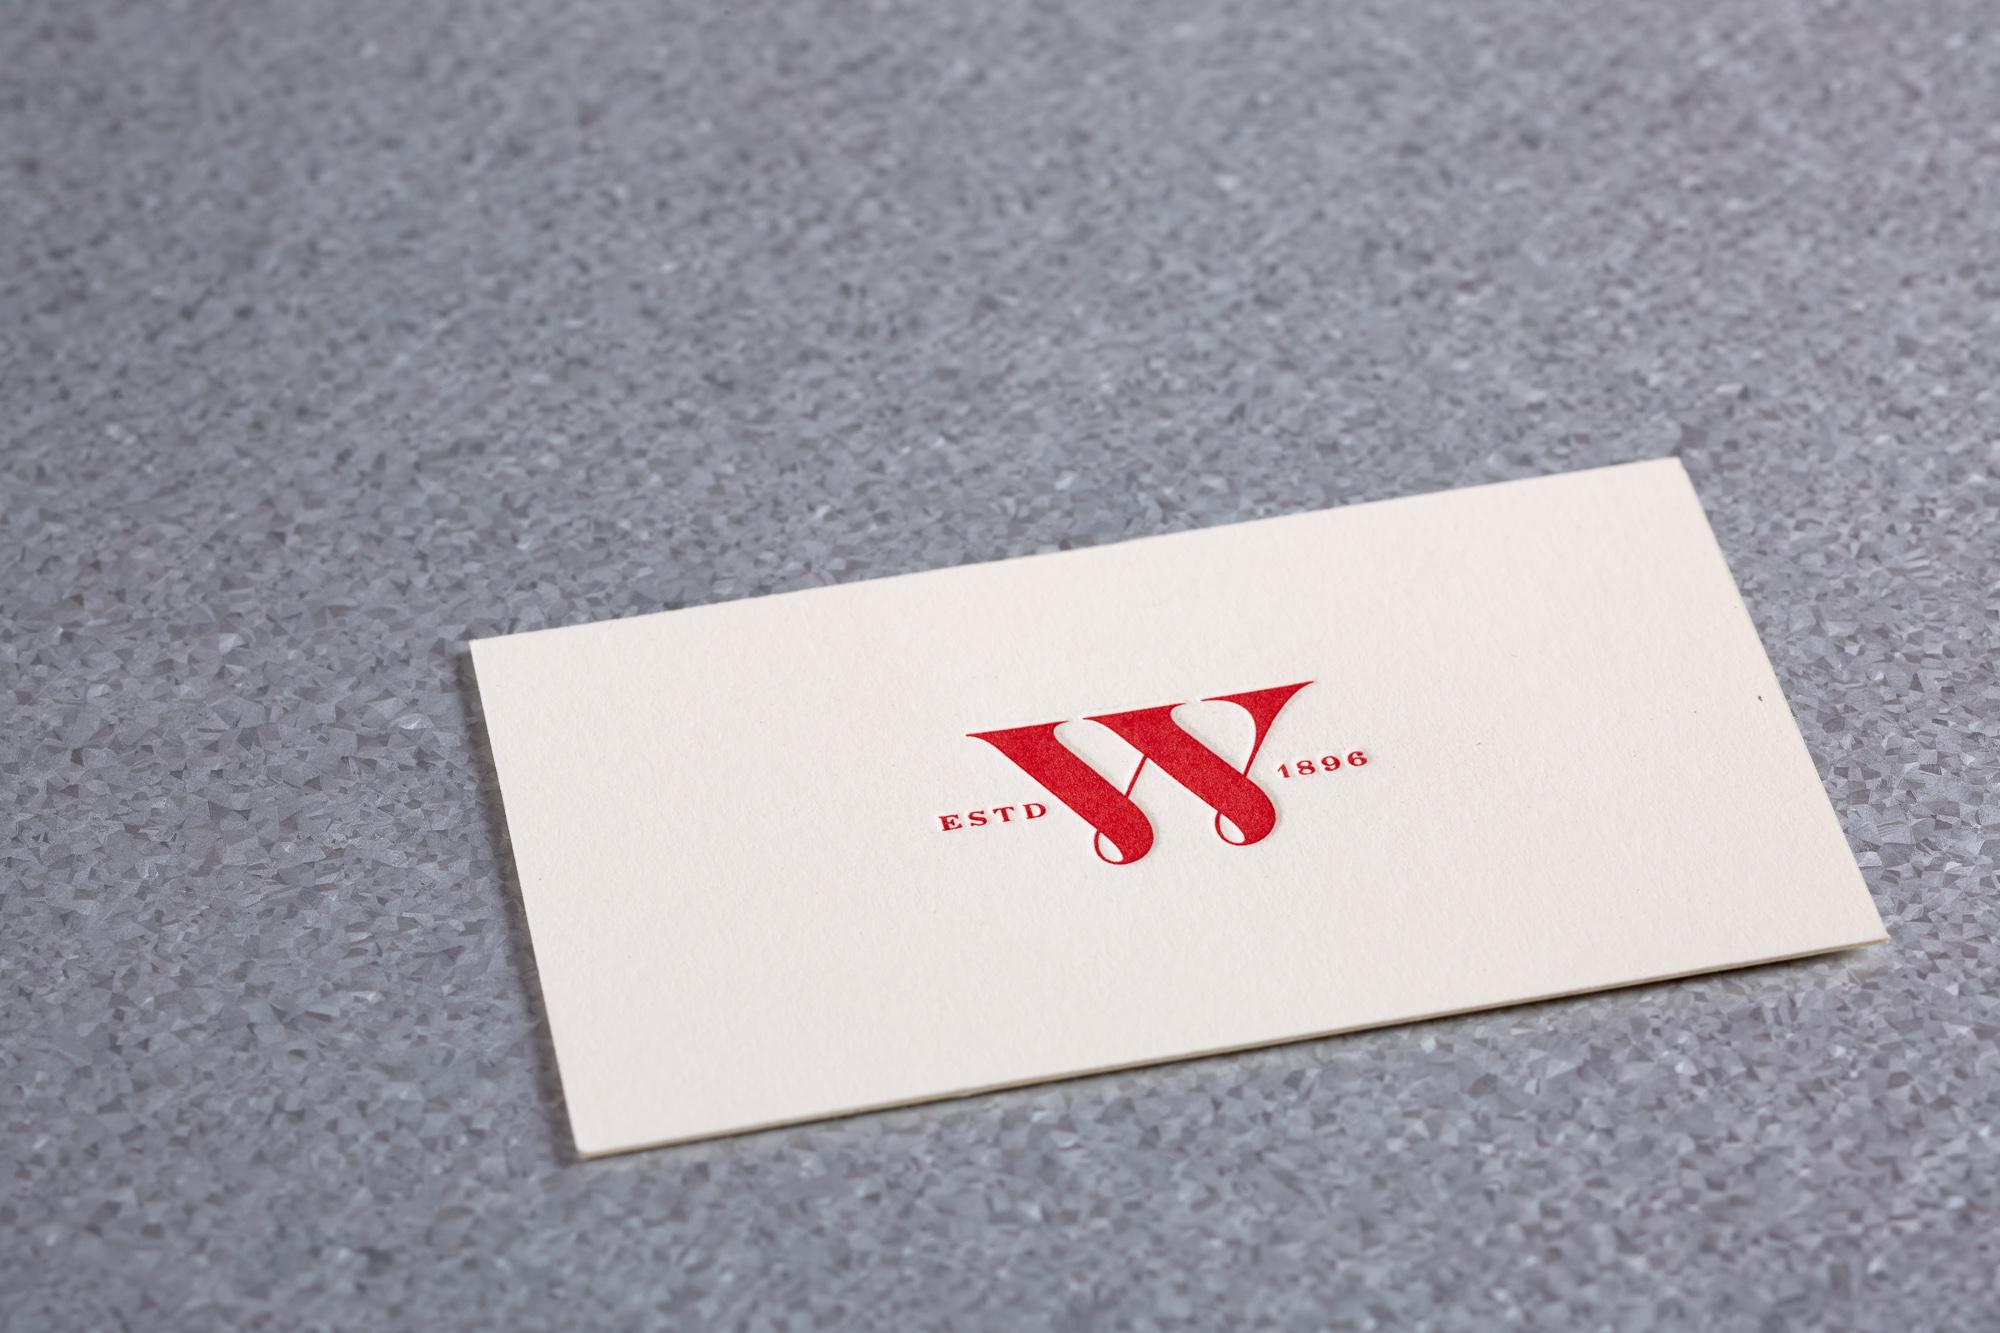 warburg1